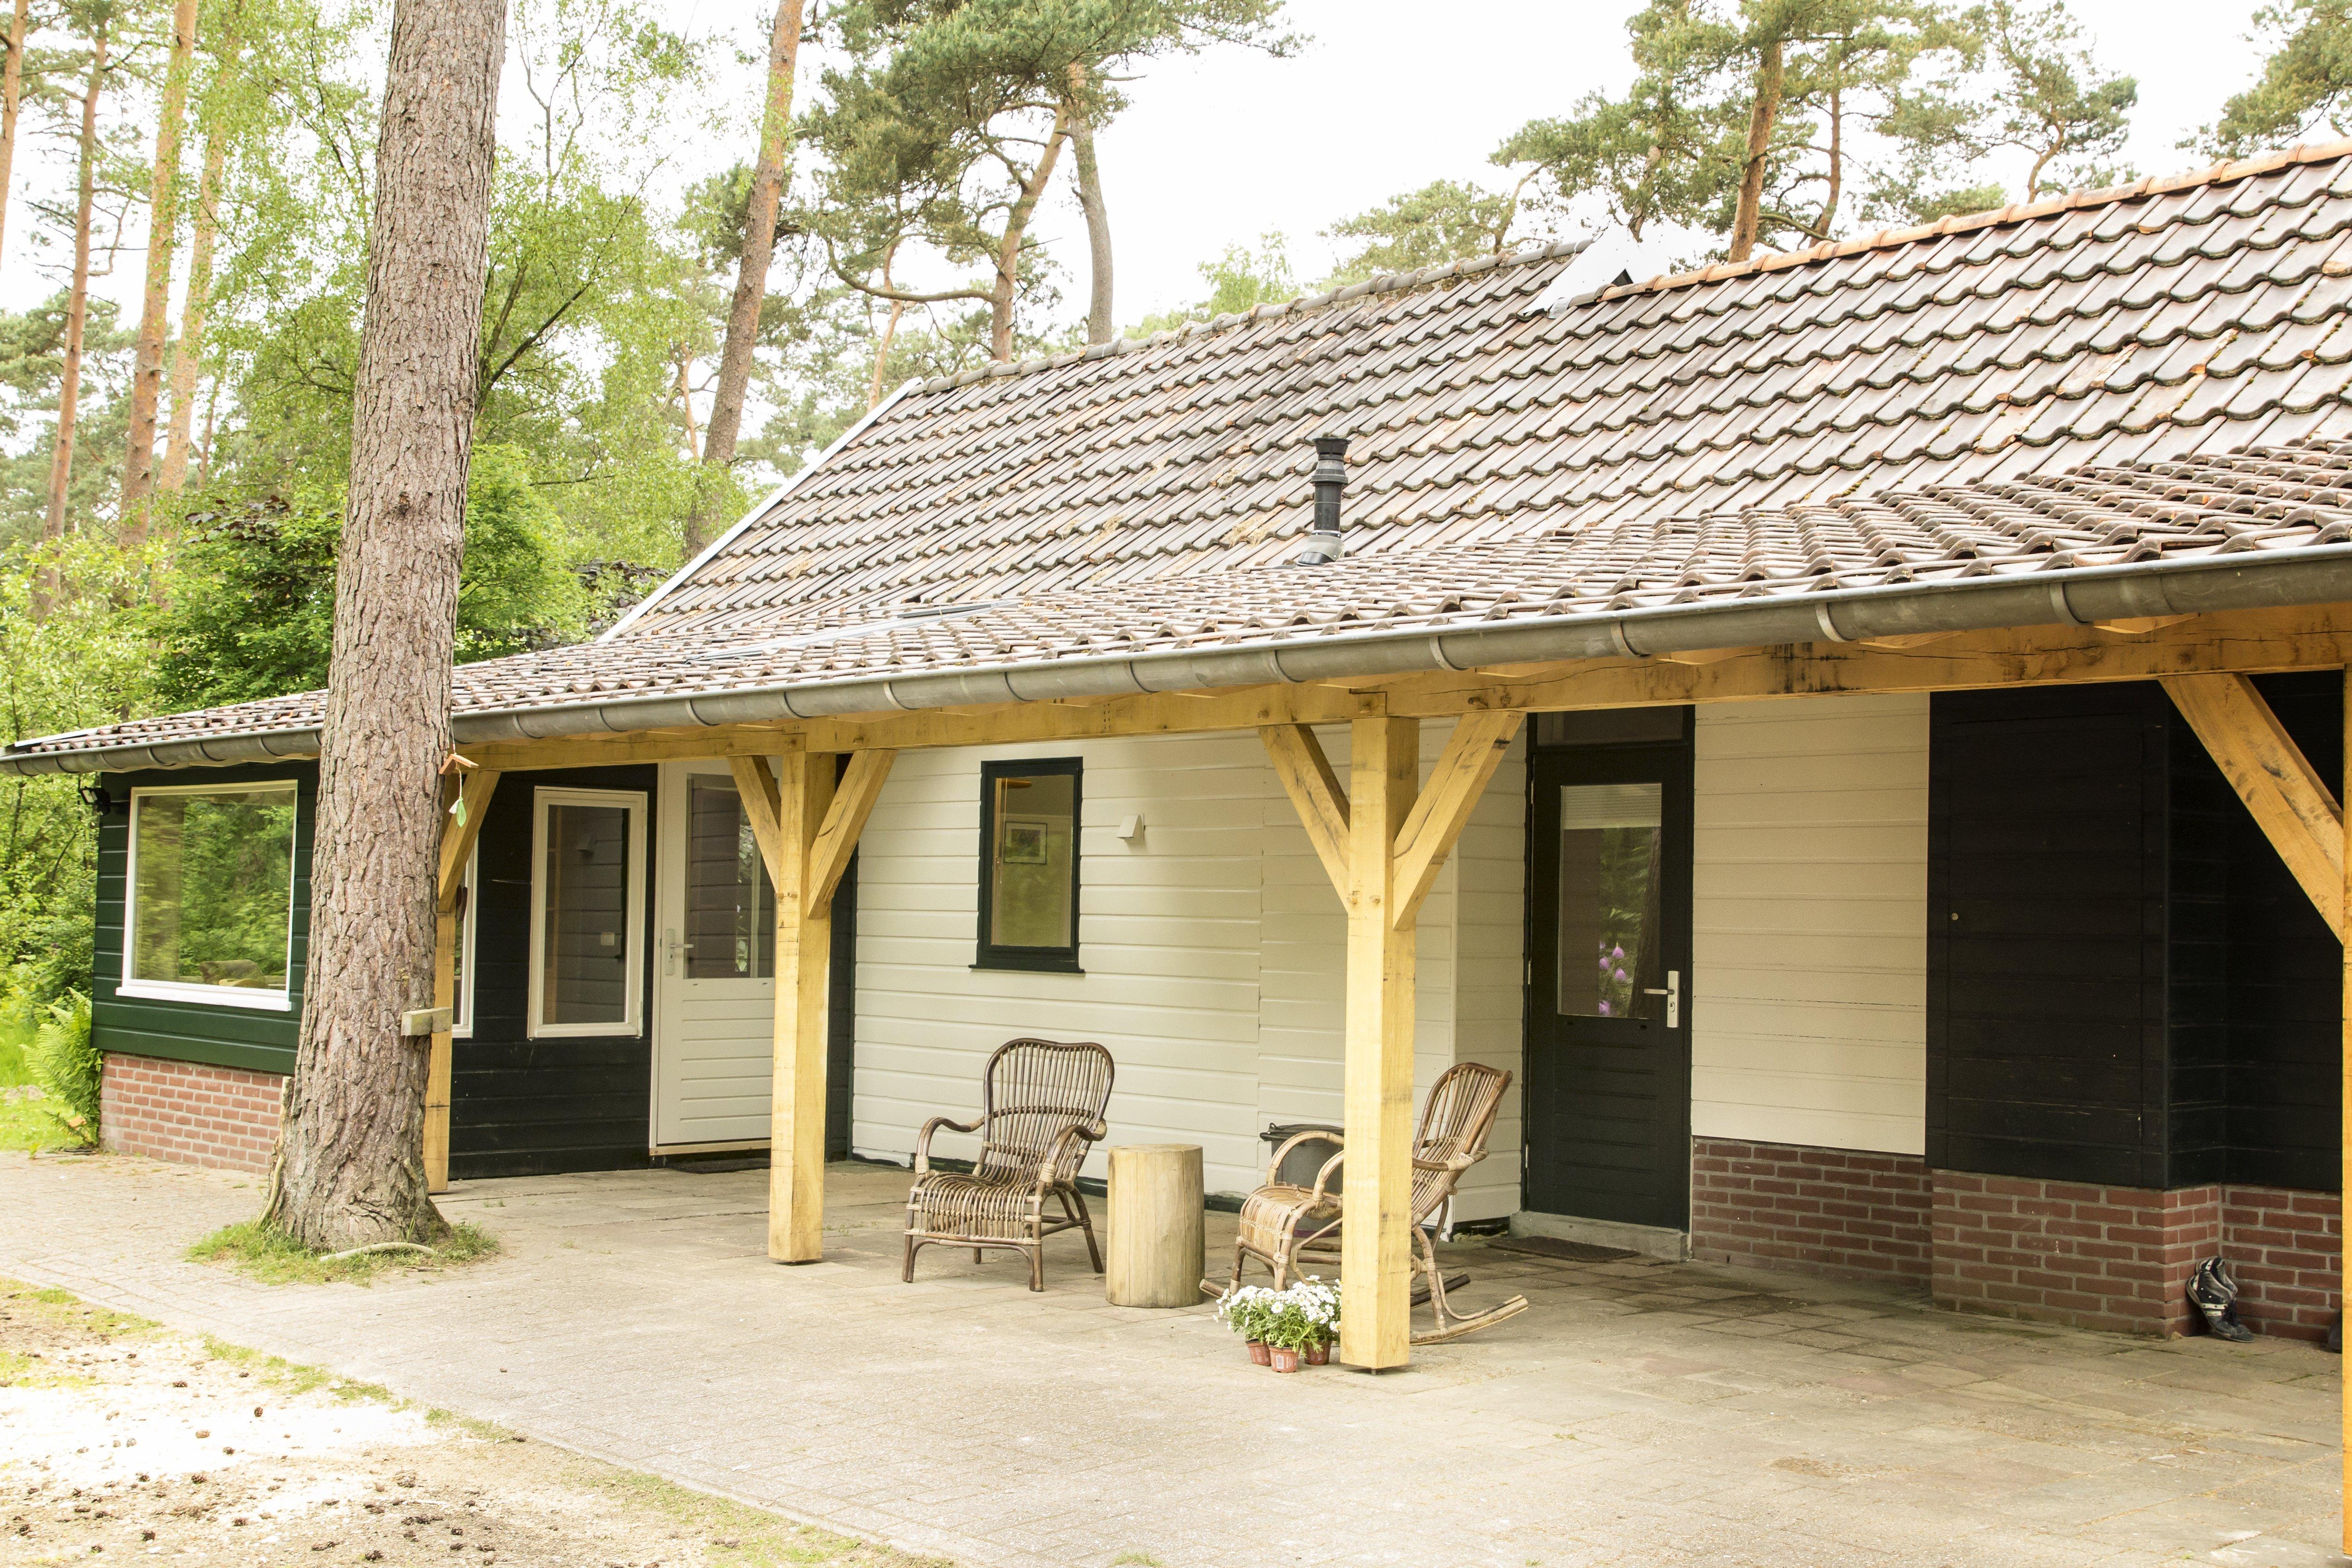 De omgeving van het schrijvershuisje lutterzand